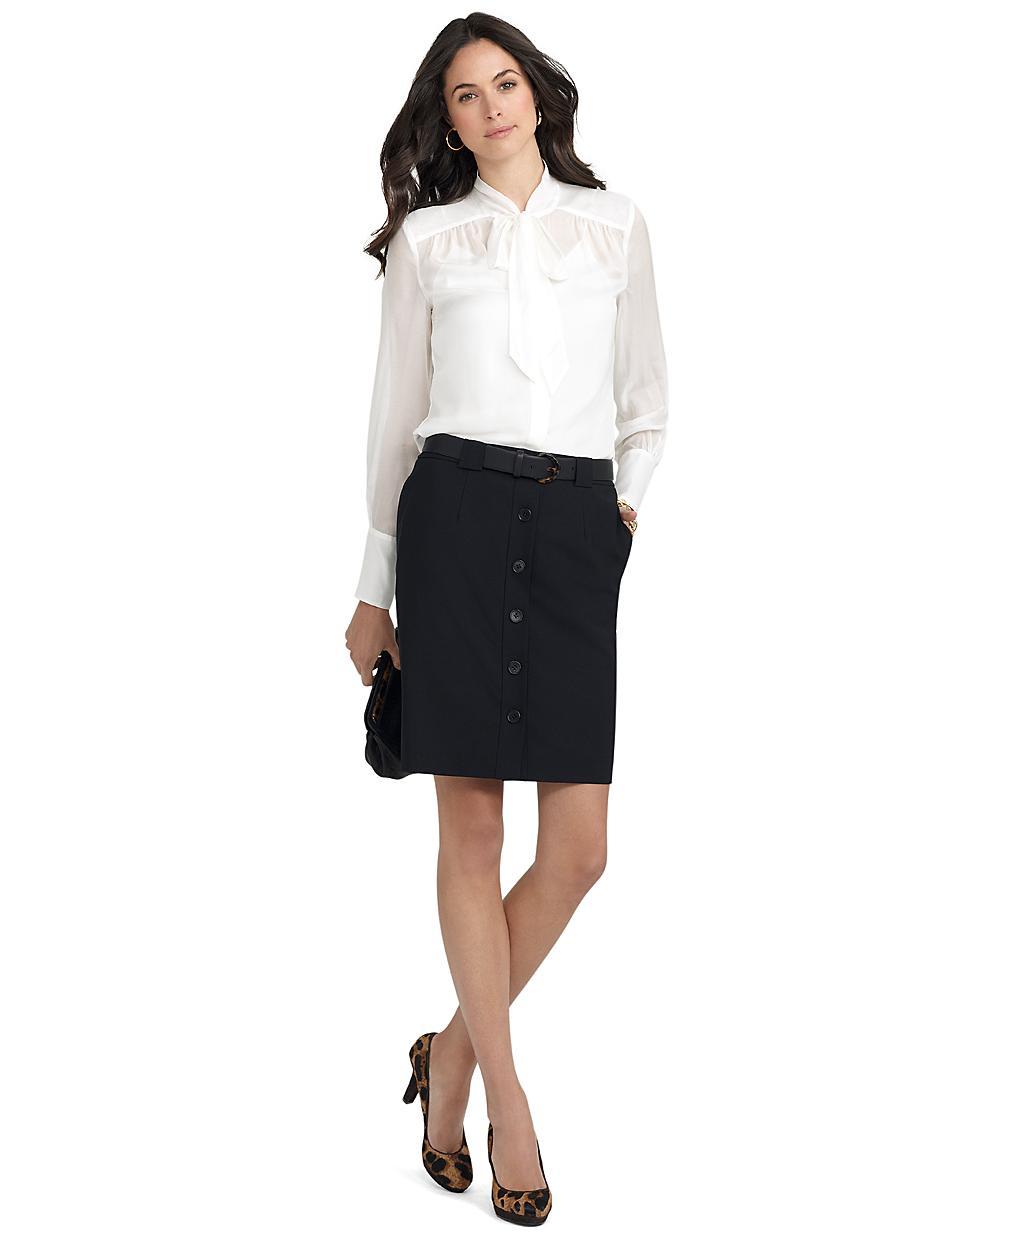 blusa y falda dama 3